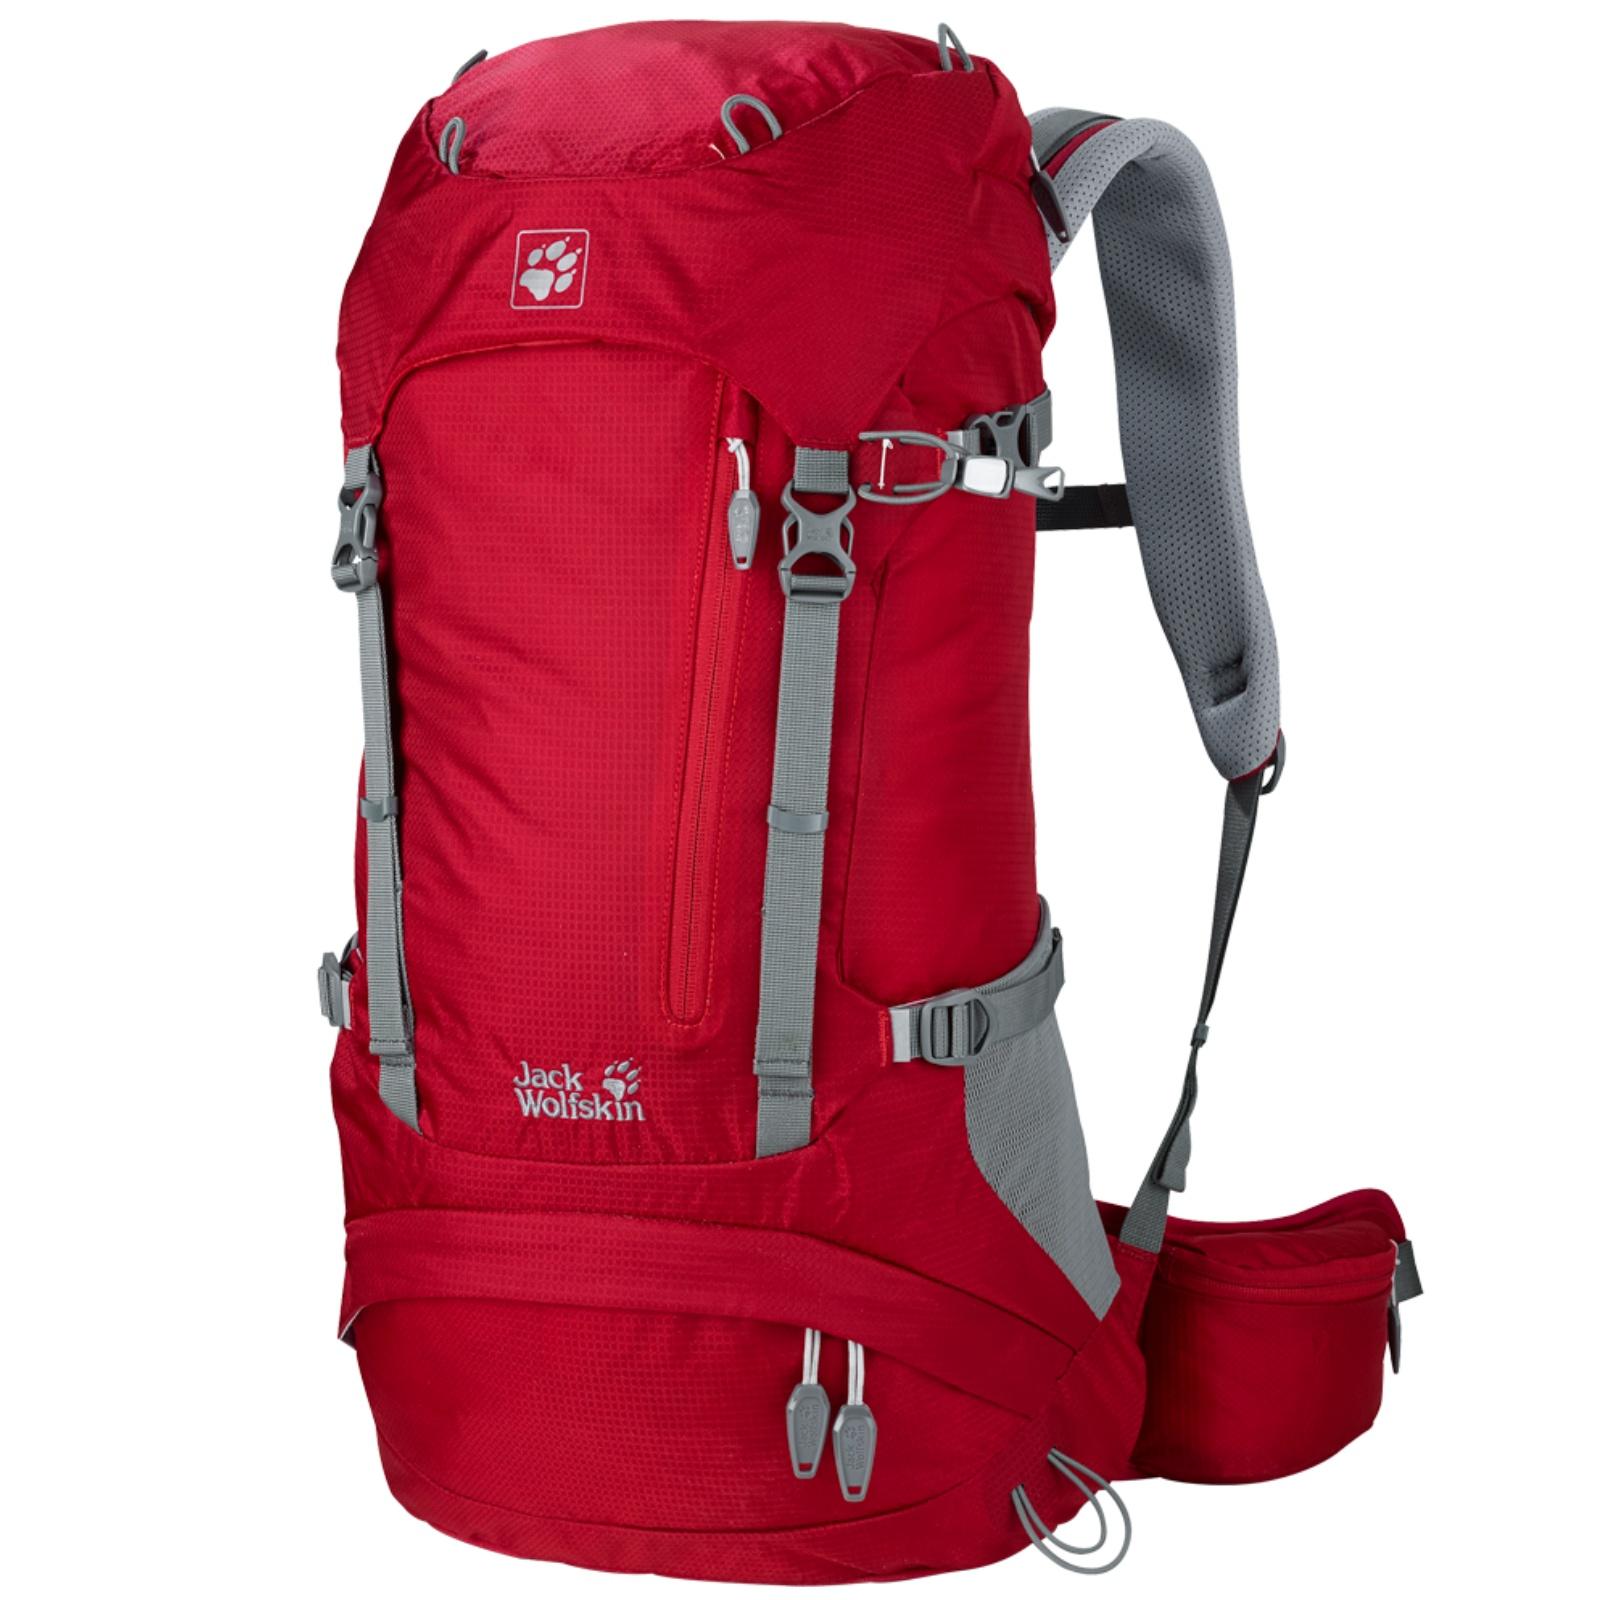 Batoh JACK WOLFSKIN ACS Hike Pack 26 l - červený